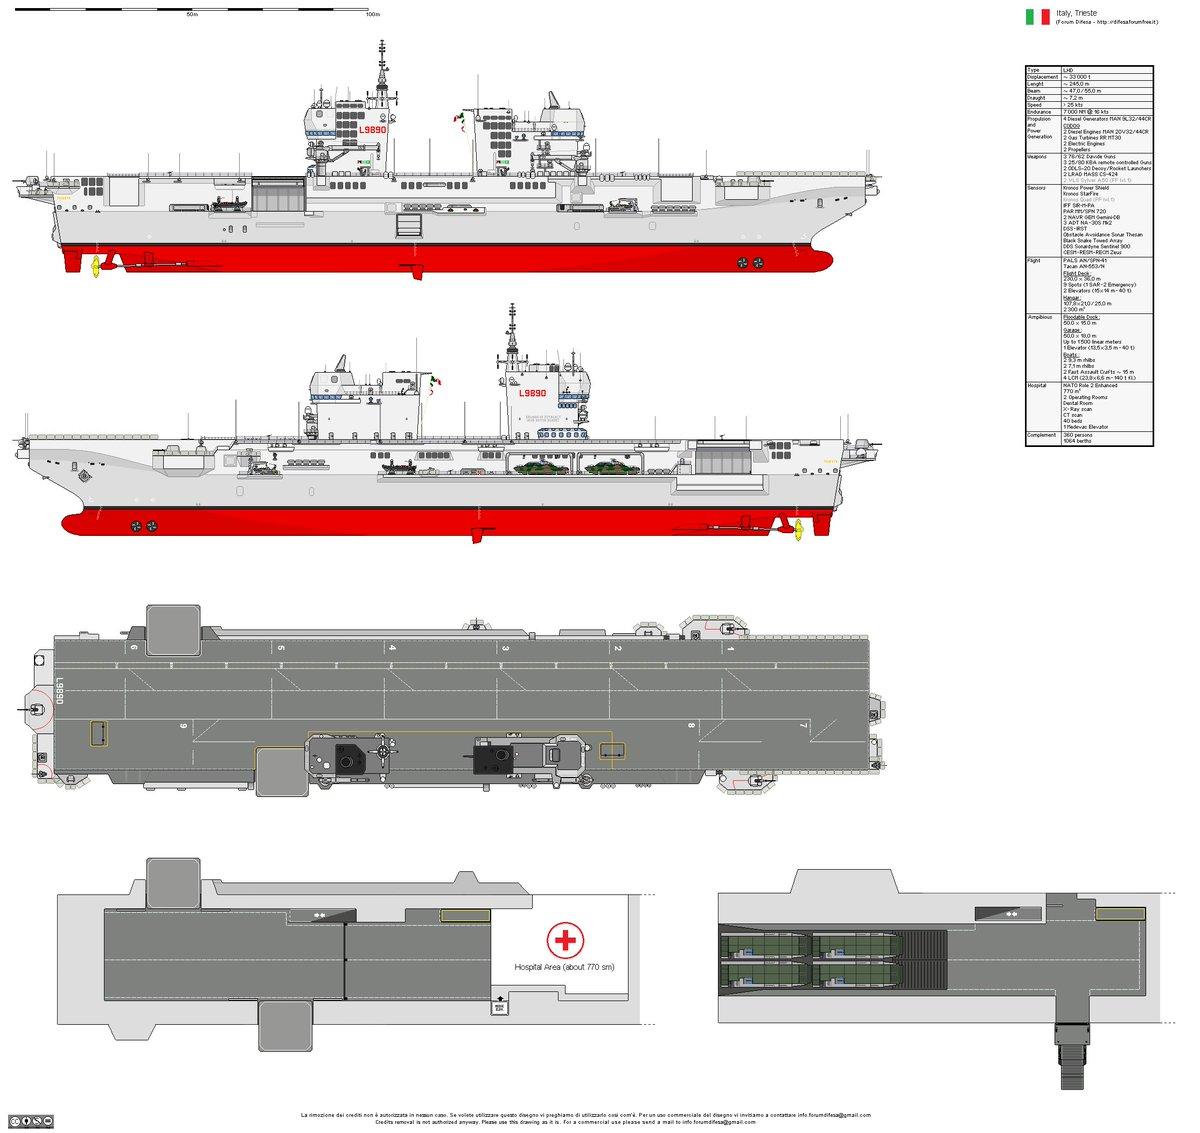 L9890 Trieste